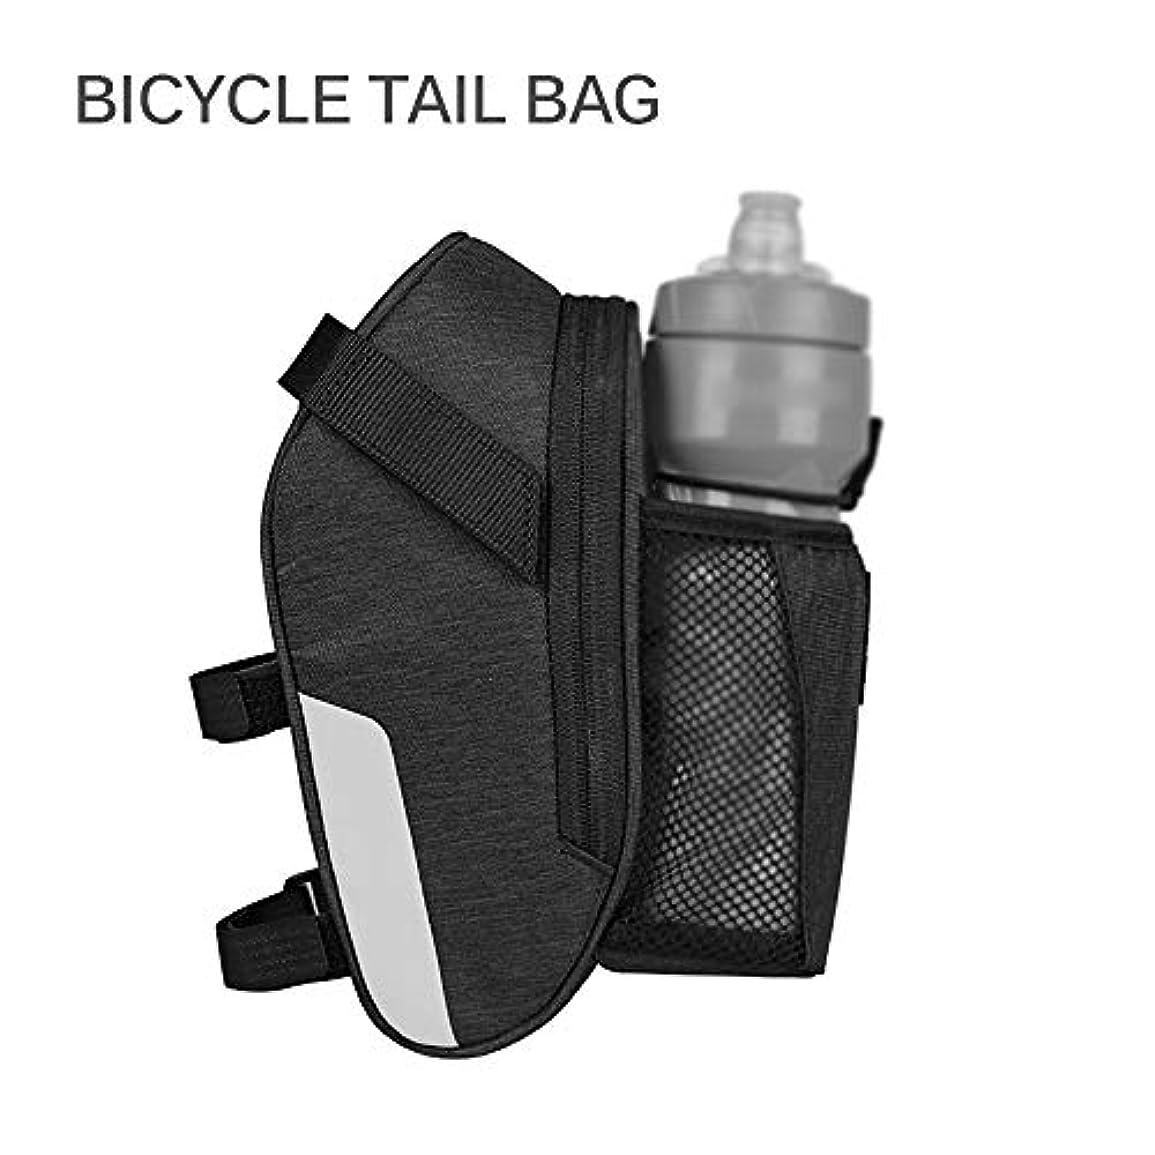 不名誉な番目カプセルattachmenttou ポータブル 自転車テールバッグ サイクリング収納バッグ テールポーチ 自転車アクセサリー サイクリングシートポーチ ブラックアッシュ 実用性